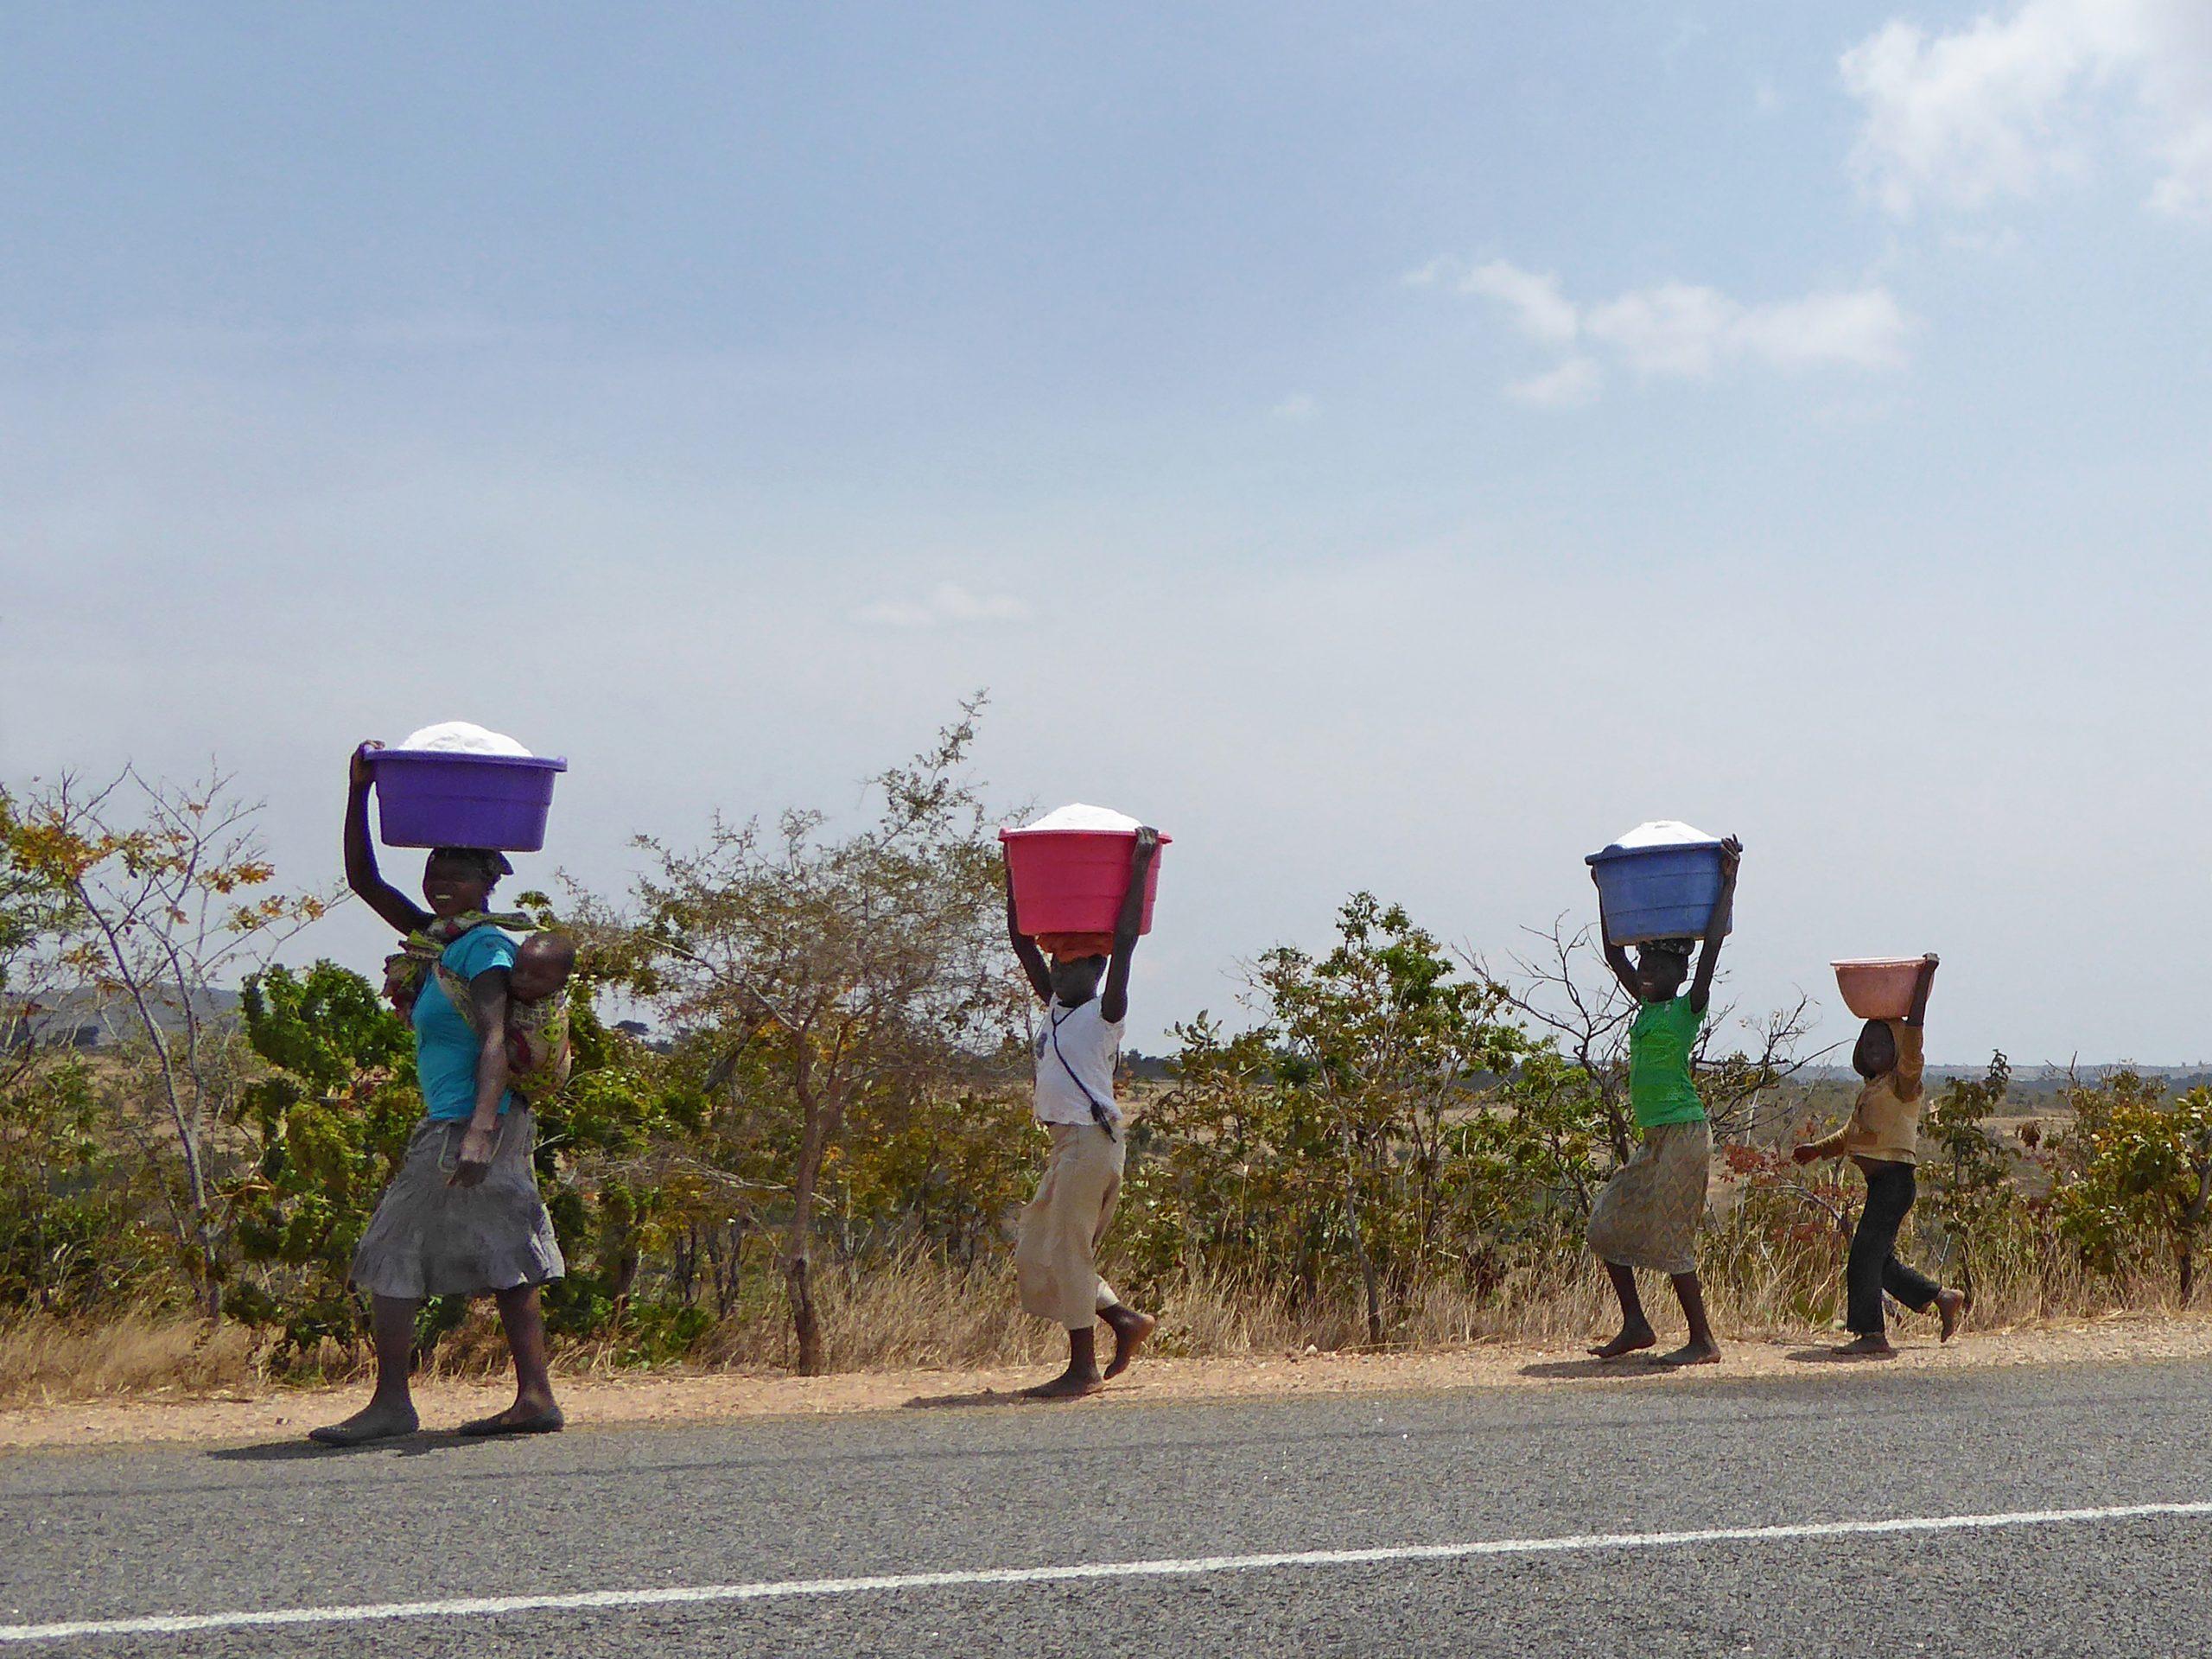 Radreise Afrika 2014 - Familie schwer beladen